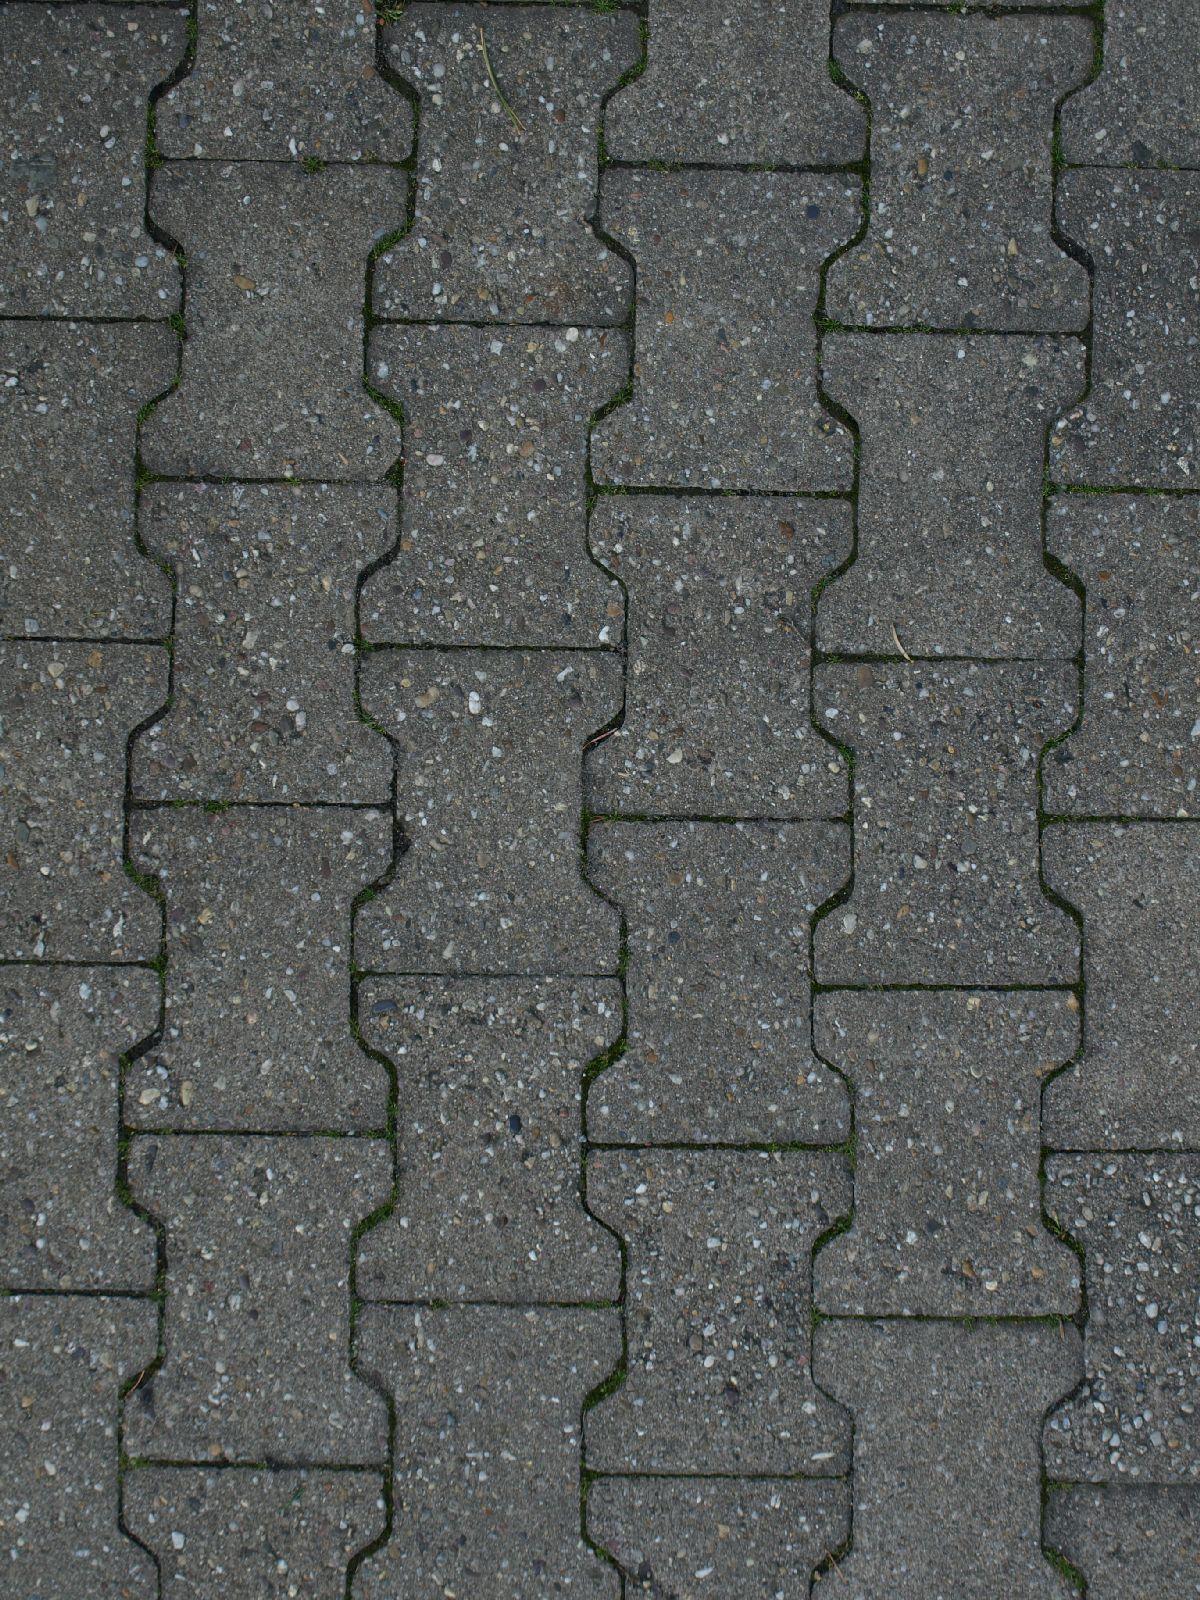 Boden-Gehweg-Strasse-Buergersteig-Textur_A_P6233721